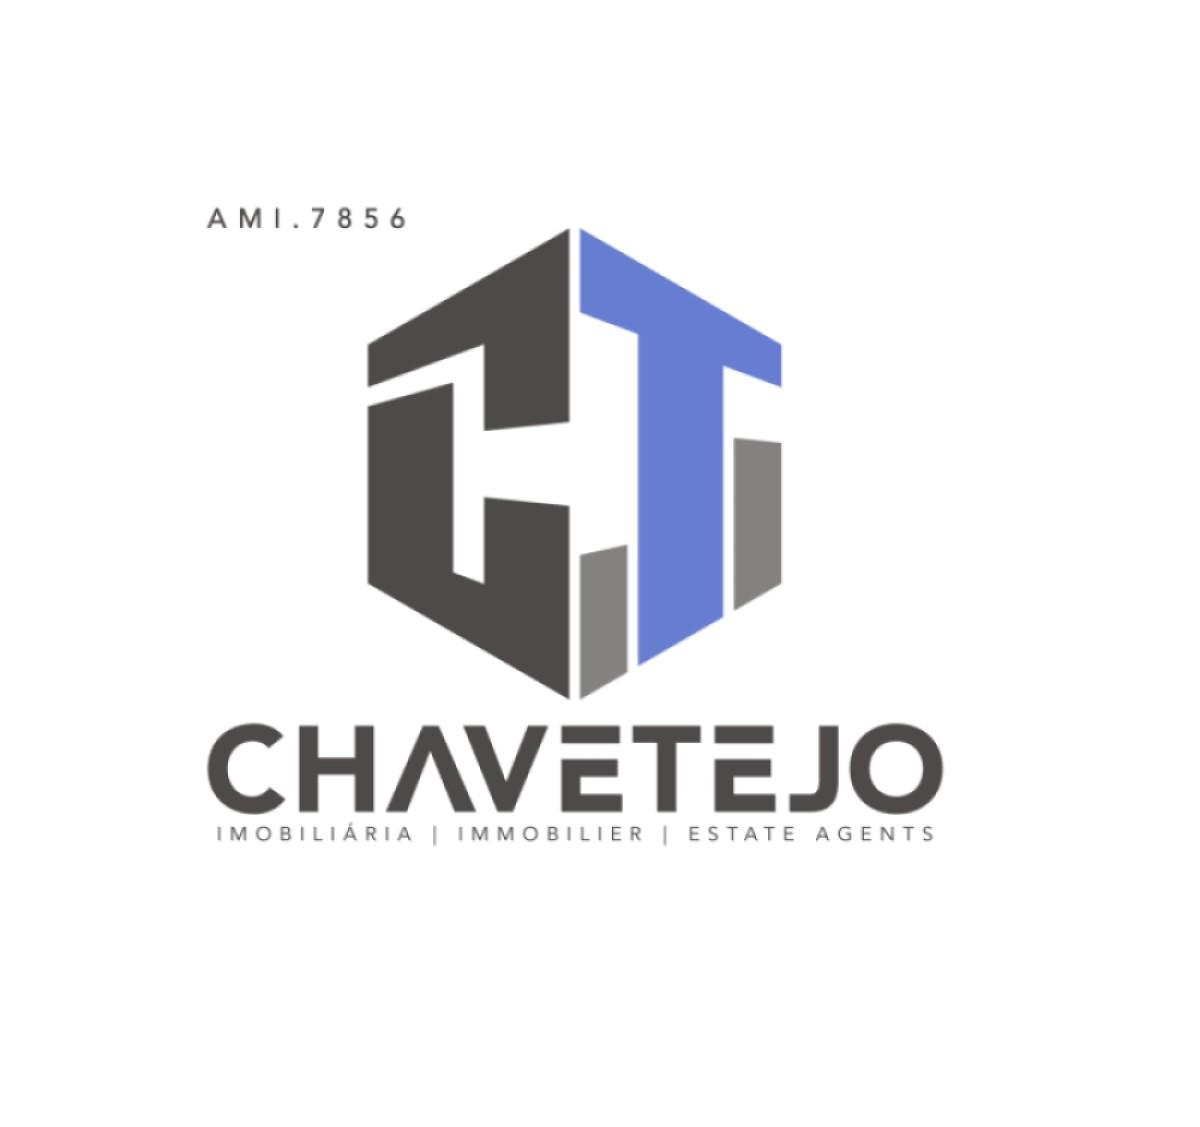 Chavetejo Mediação Imobiliária Lda